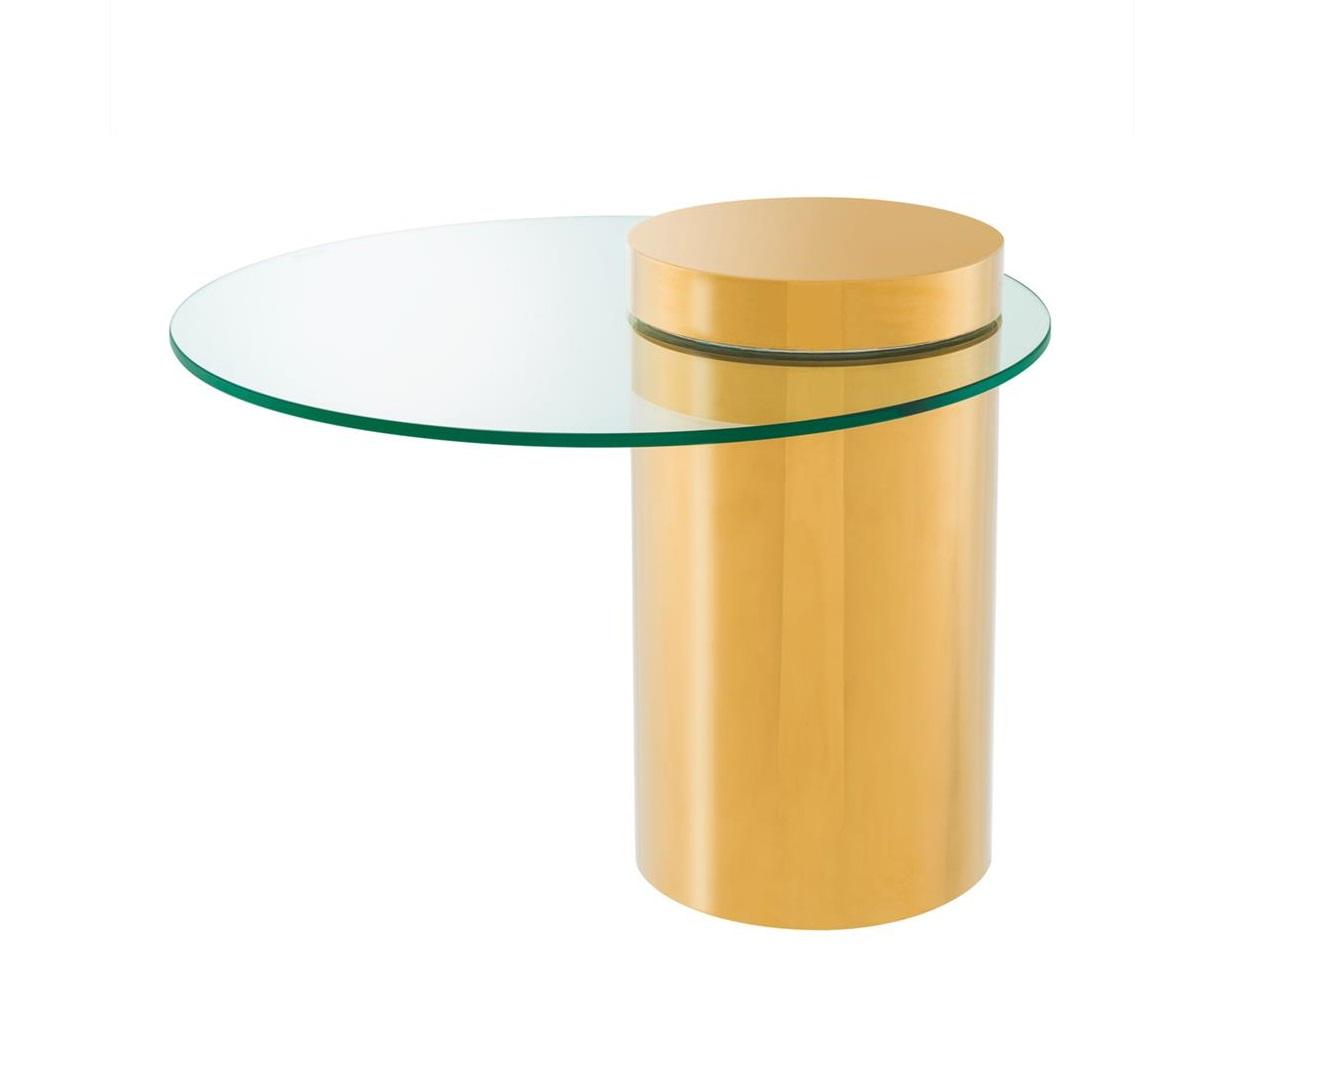 СтолПриставные столики<br>Столик Side Table Equilibre на основании из металла золотого цвета. Столешница выполнена из плотного прозрачного стекла.<br><br>kit: None<br>gender: None